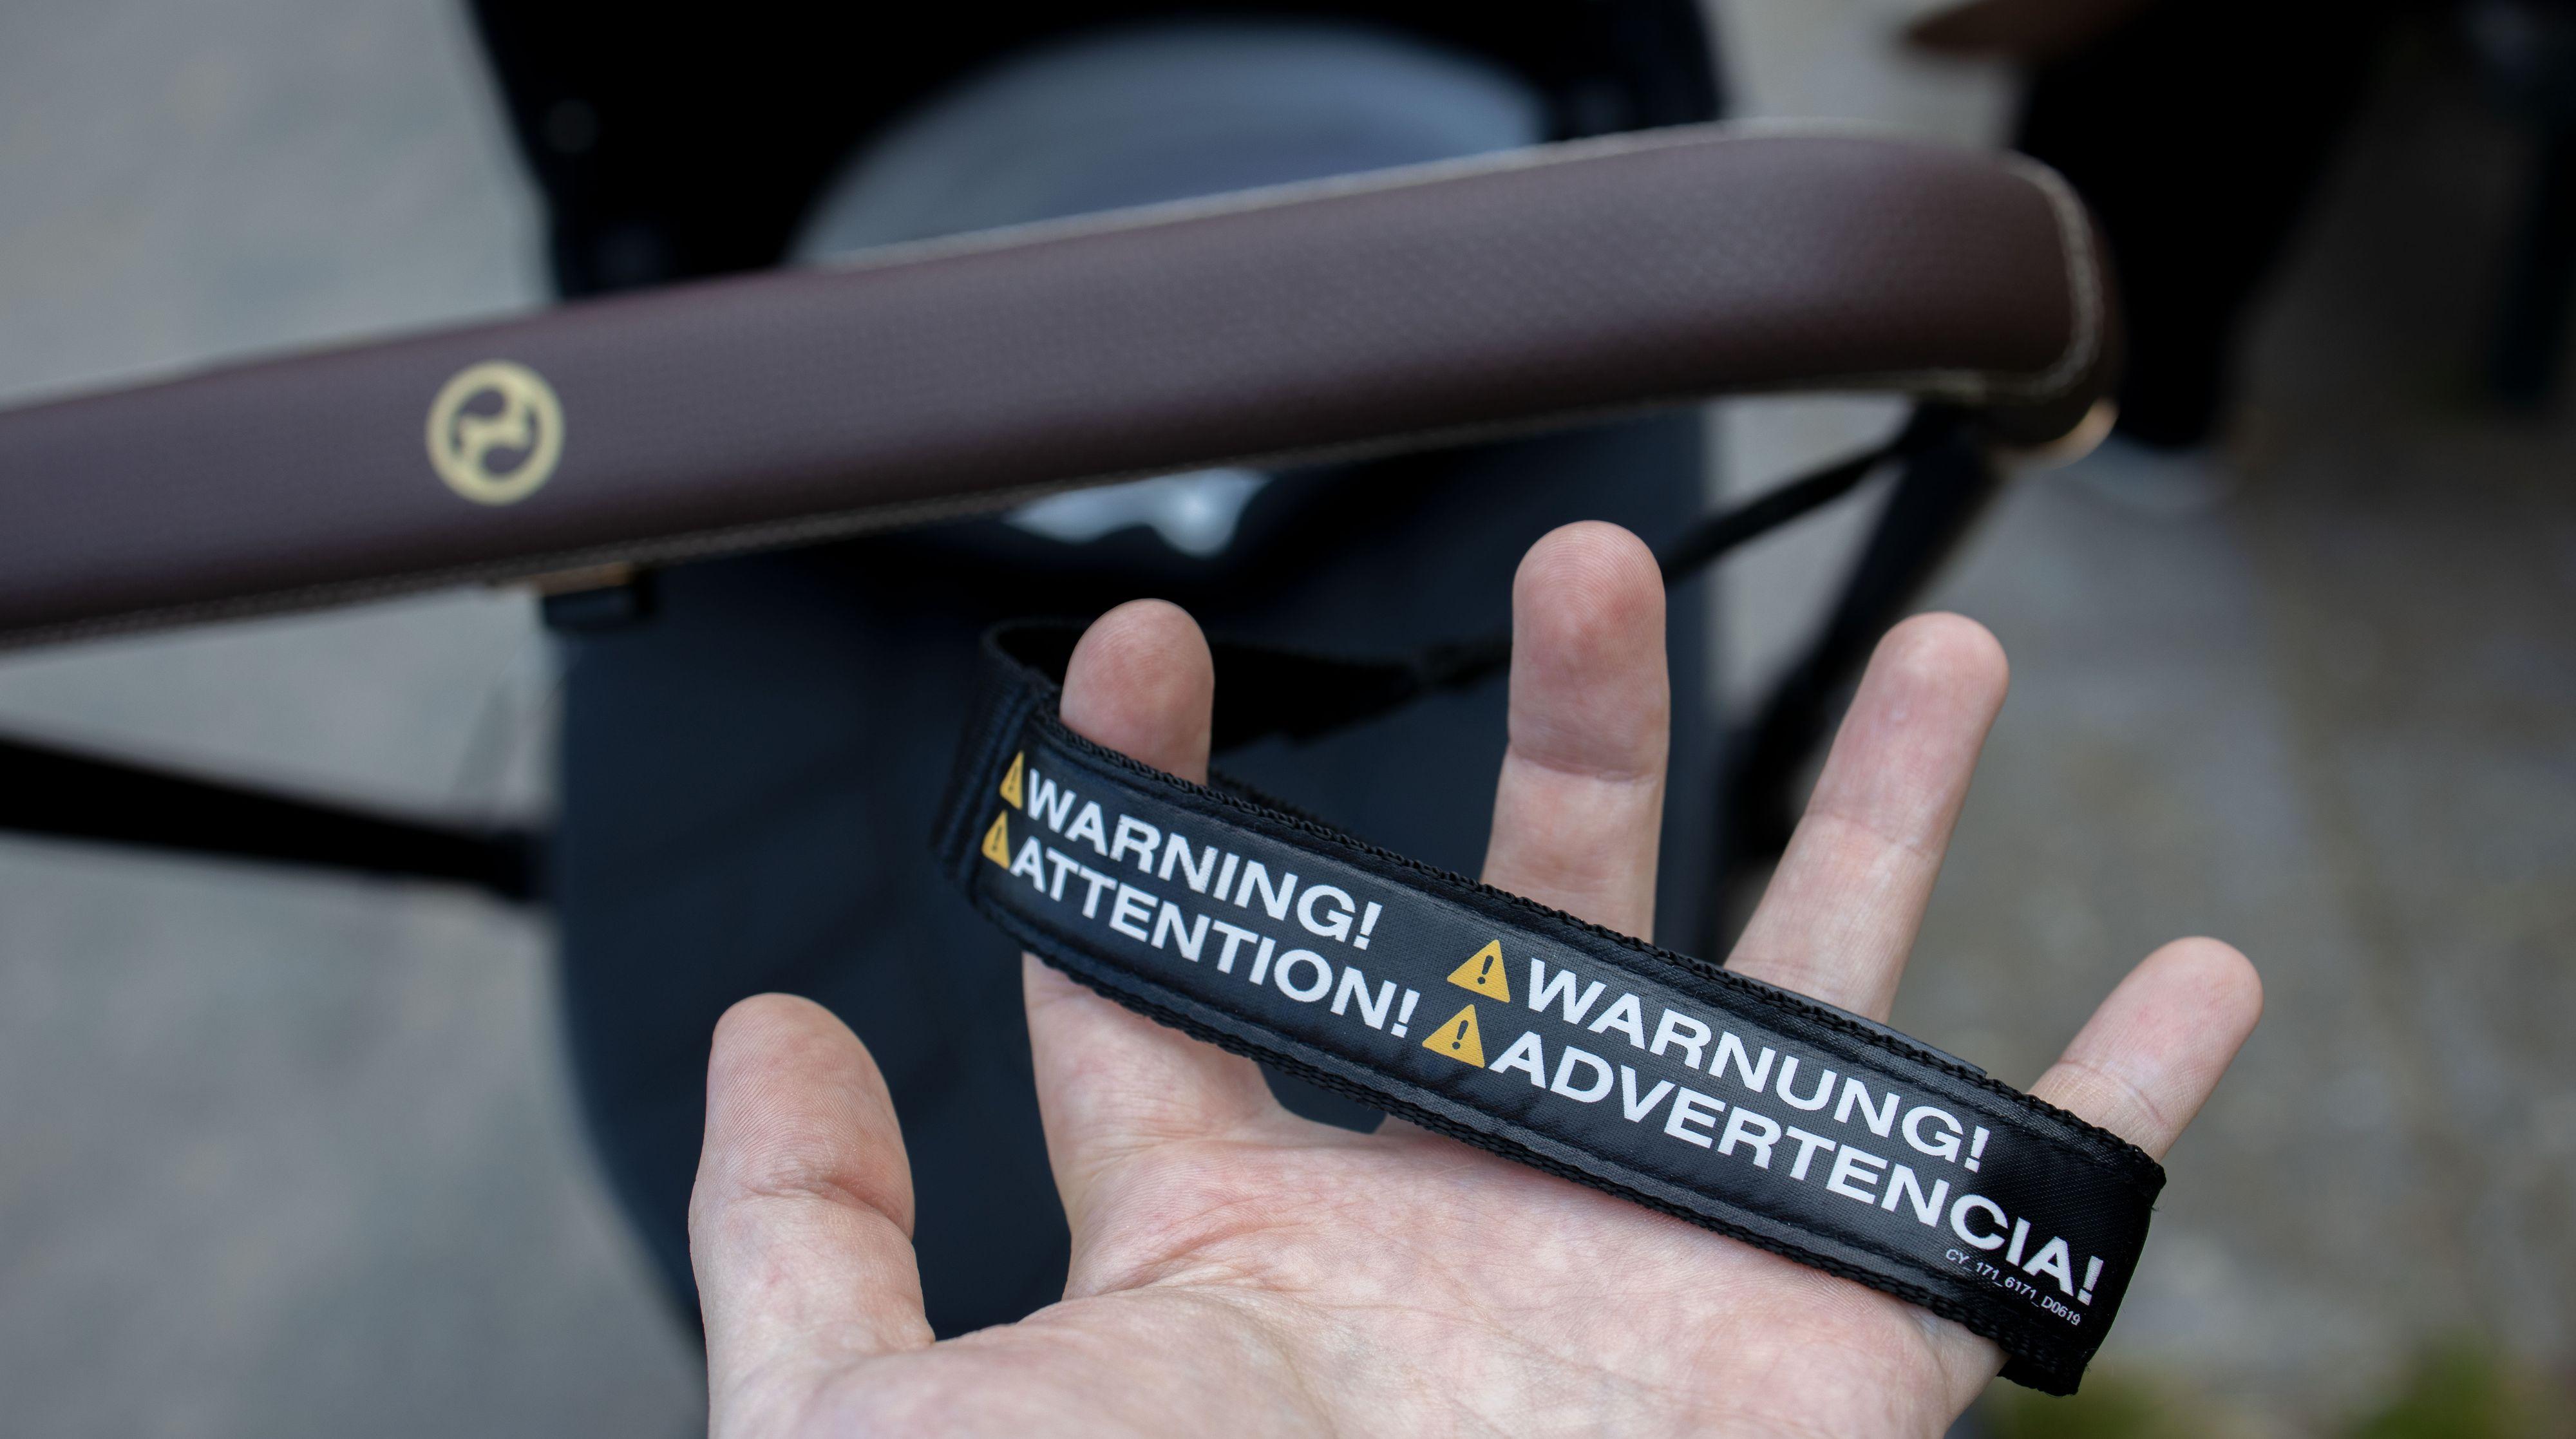 Håndleddsstroppen anbefales å ha på hele tiden, til tross for at barnevognen bremser av seg selv.